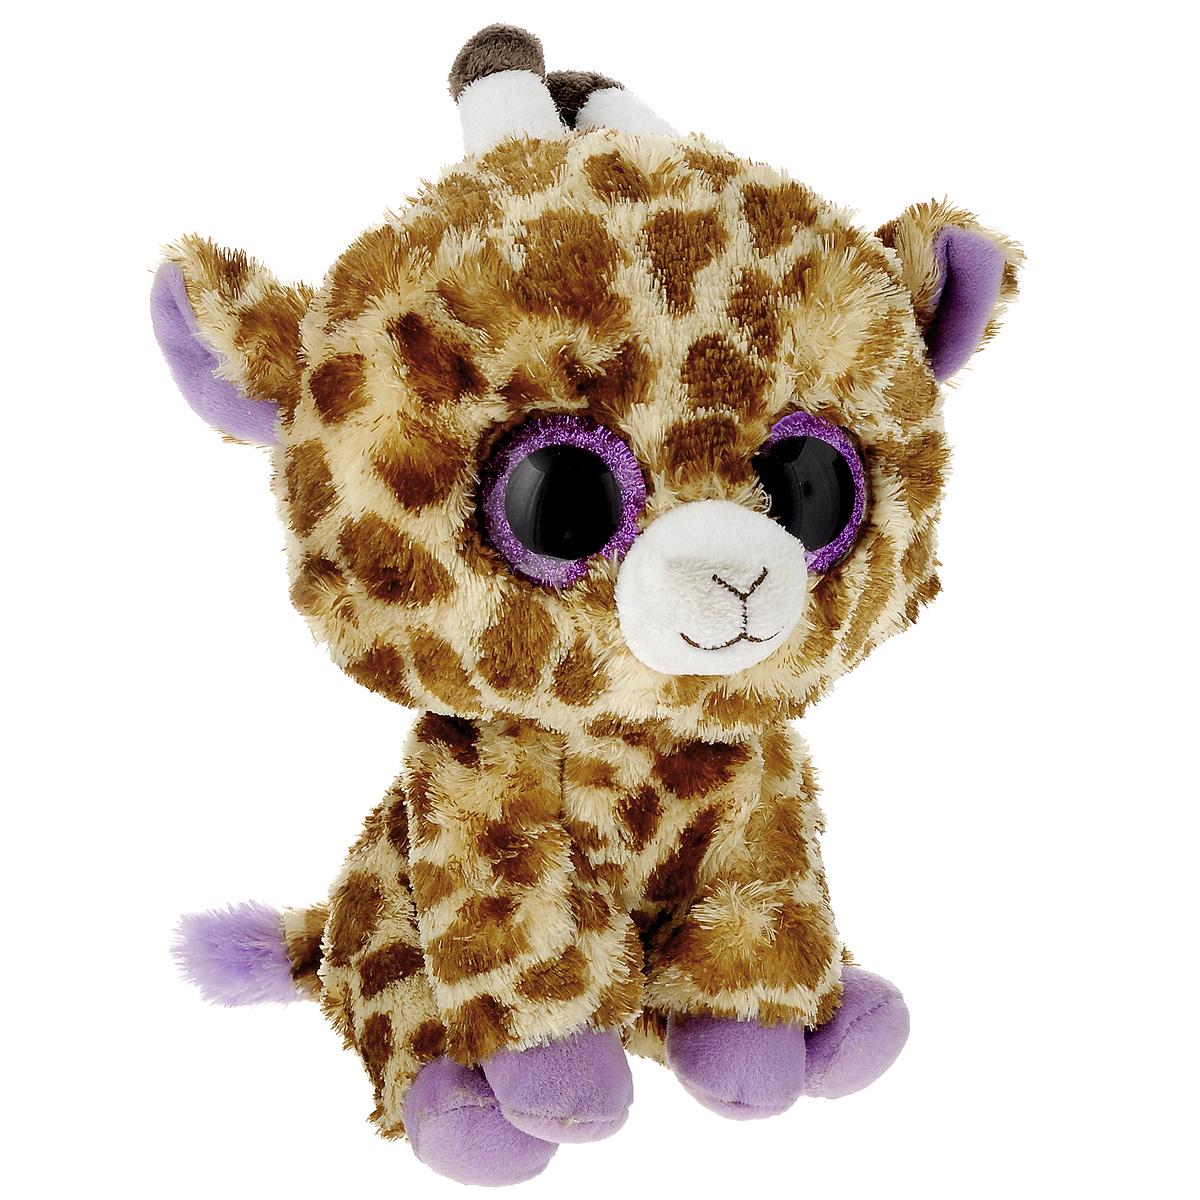 Мягкая игрушка Beanie Boos Жираф Safari, 23 см36905Очаровательная мягкая игрушка Beanie Boos Жираф Safari, выполненная в виде жирафа, непременно вызовет улыбку и симпатию и у детей, и у взрослых. Трогательный жираф с выразительными пластиковыми глазками изготовлен из высококачественного текстильного материала с набивкой из синтепона. Специальные гранулы, также используемые при набивке игрушки, способствуют развитию мелкой моторики рук малыша. Как и все игрушки серии Beanie Boos, жираф изготовлен вручную с любовью и вниманием к деталям. Удивительно мягкая игрушка принесет радость и подарит своему обладателю мгновения нежных объятий и приятных воспоминаний. Великолепное качество исполнения делают эту игрушку чудесным подарком к любому празднику.